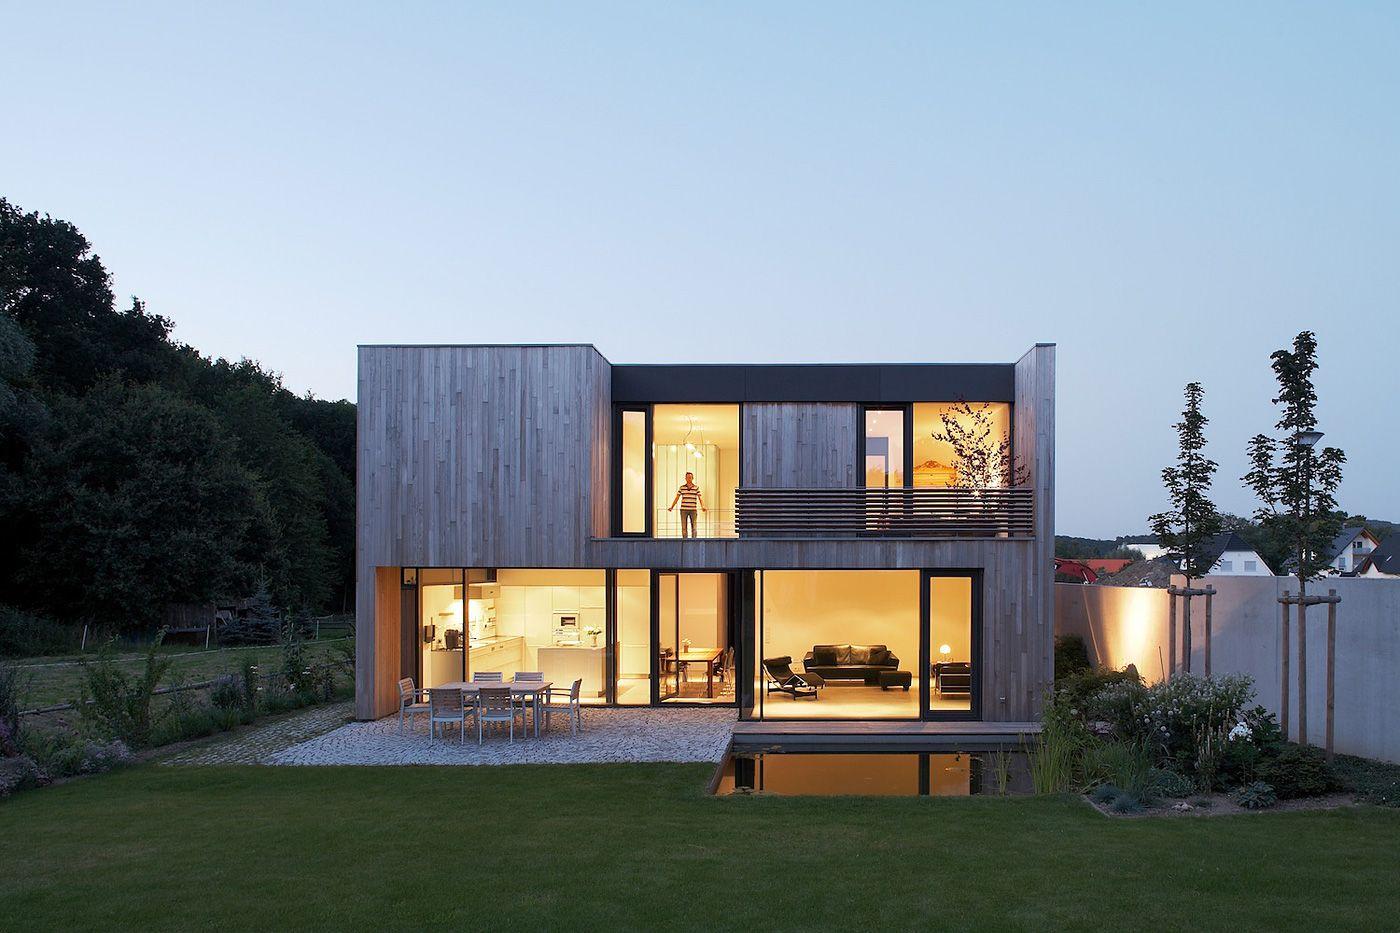 moderne kuben architektur arch pinterest haus haus architektur und einfamilienhaus. Black Bedroom Furniture Sets. Home Design Ideas